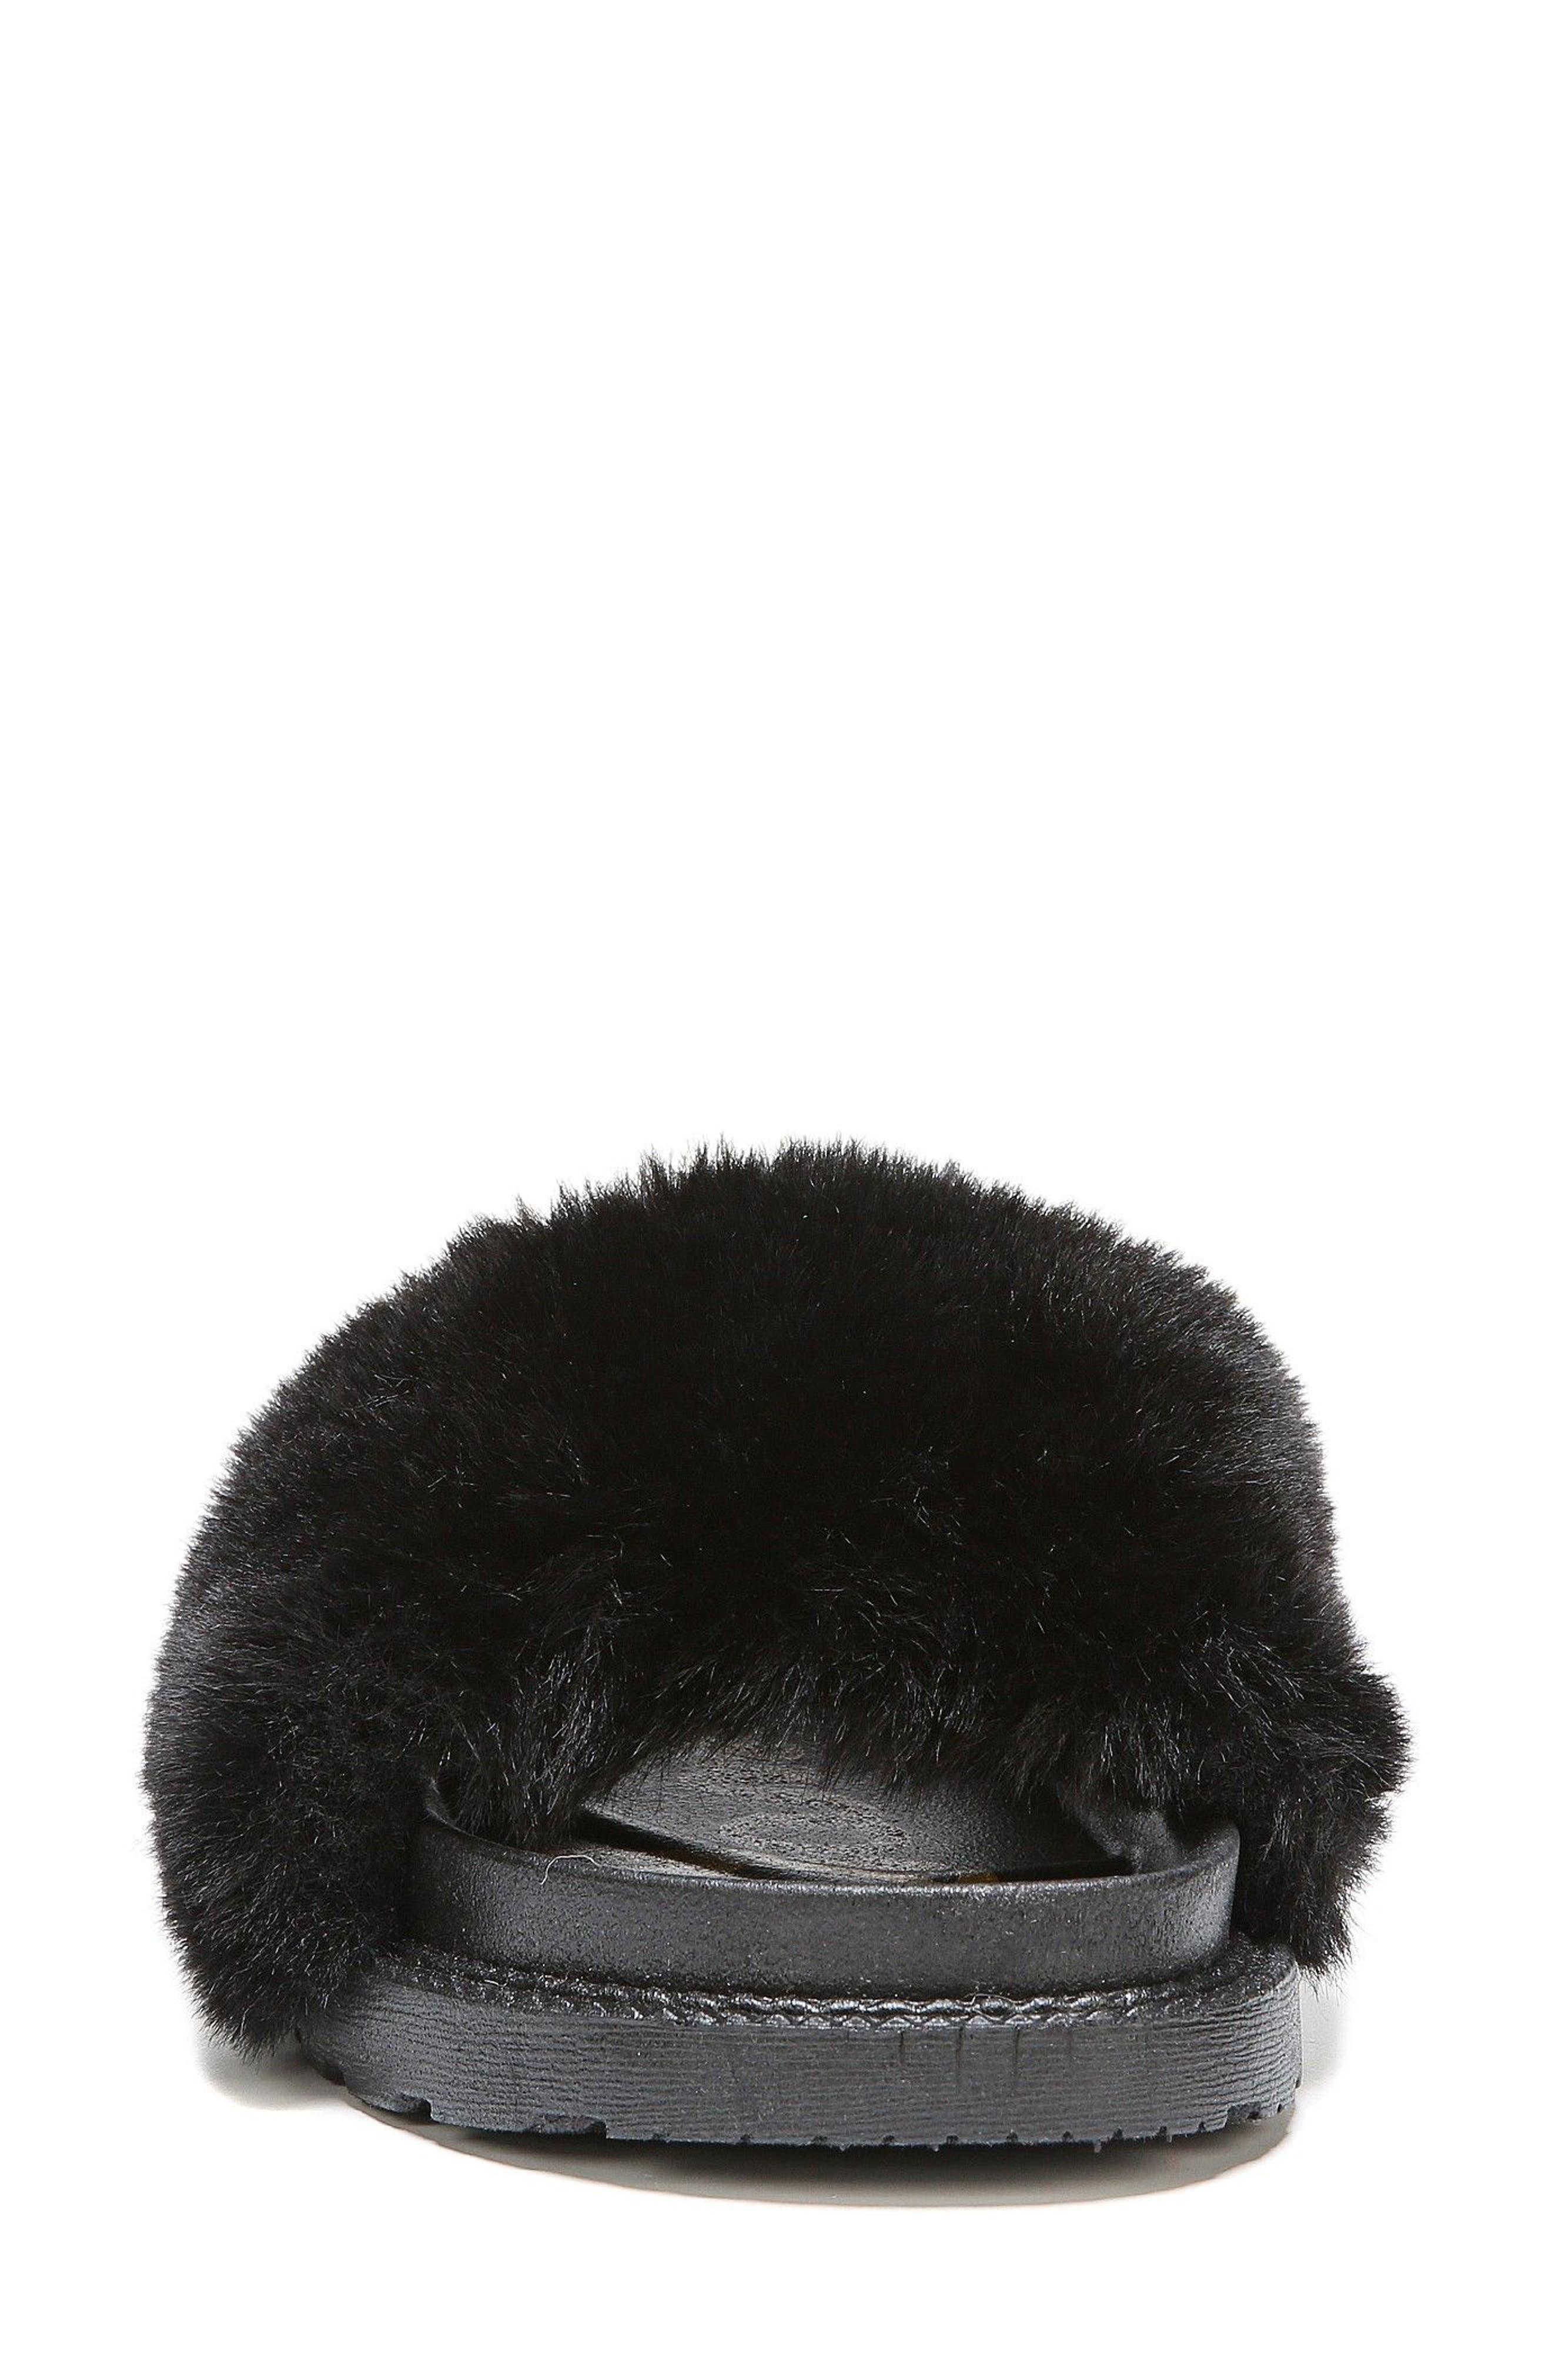 SAM EDELMAN,                             Blaire Faux Fur Platform Slide Sandal,                             Alternate thumbnail 4, color,                             001